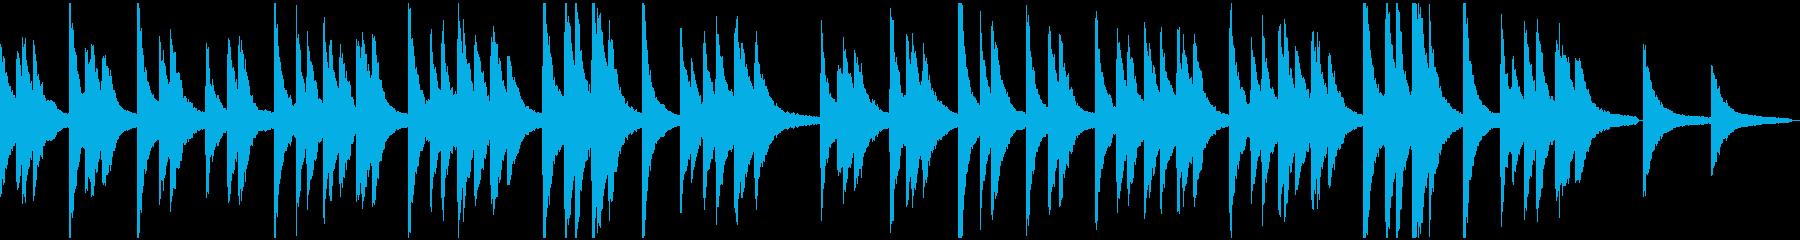 きよしこの夜(アーメン付)ピアノ版の再生済みの波形